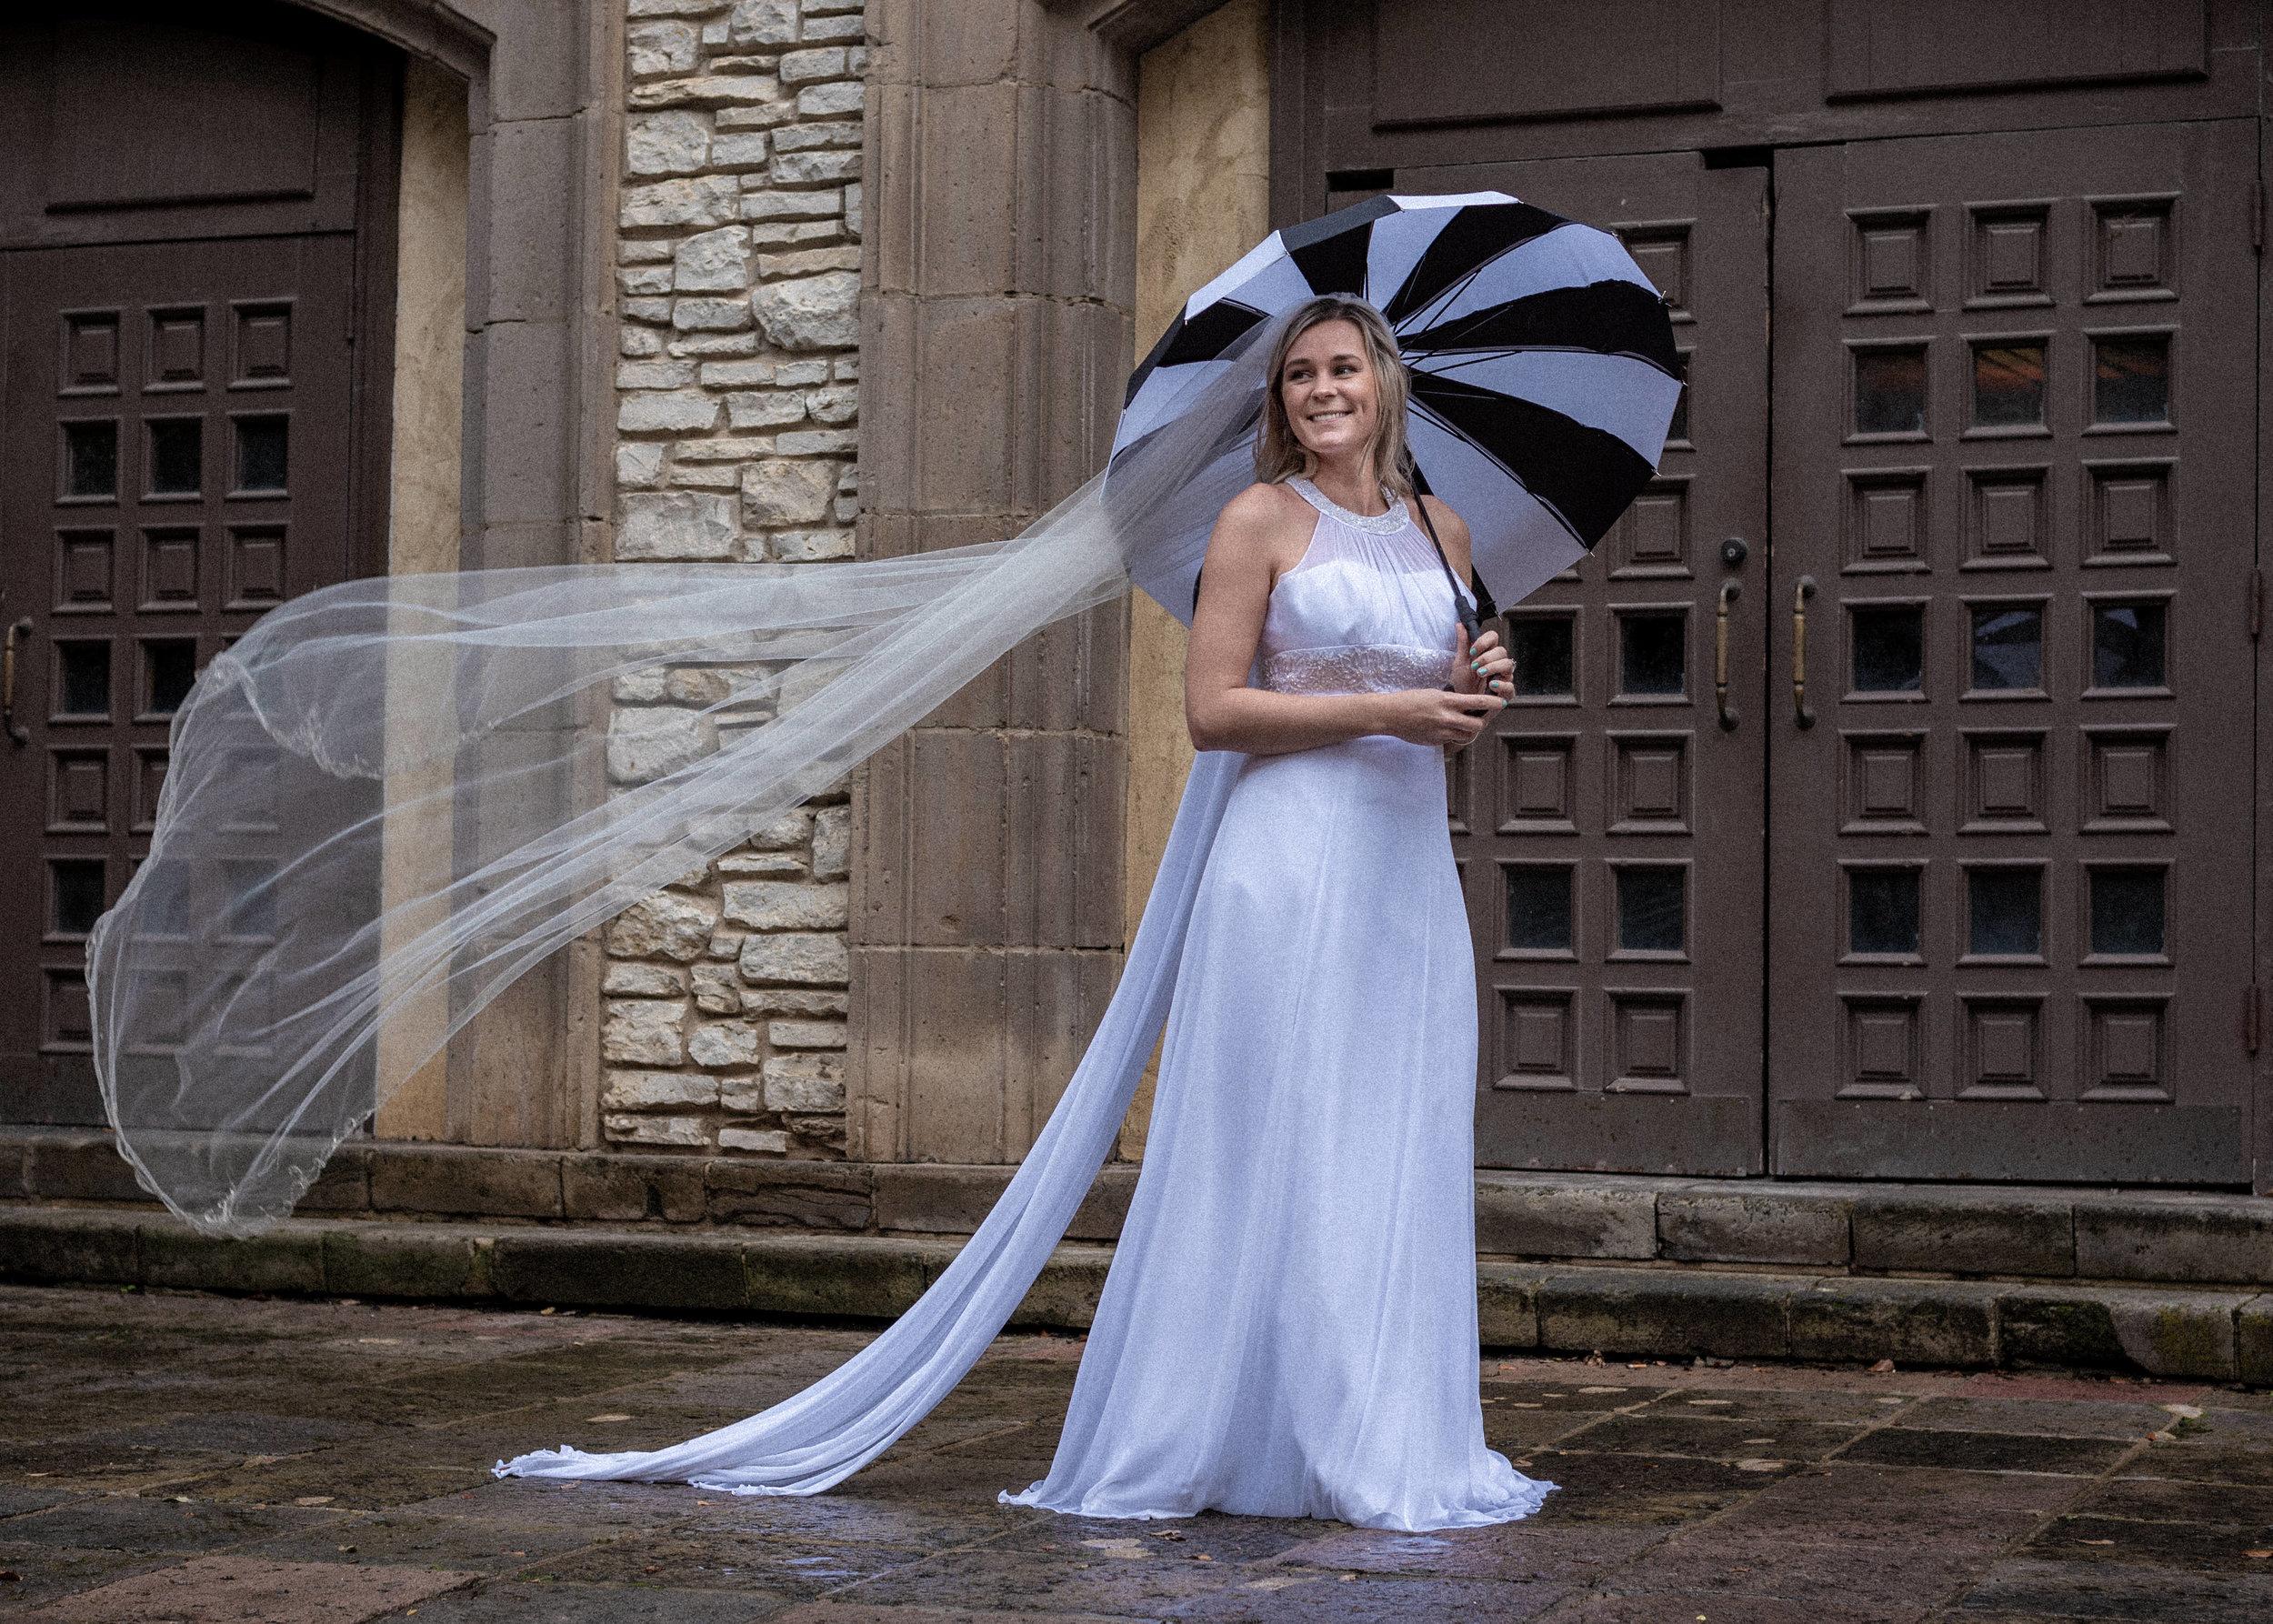 Wedding-Photographer-Dallas-Terry-McCranie-Sallee-Workshop-7.jpg